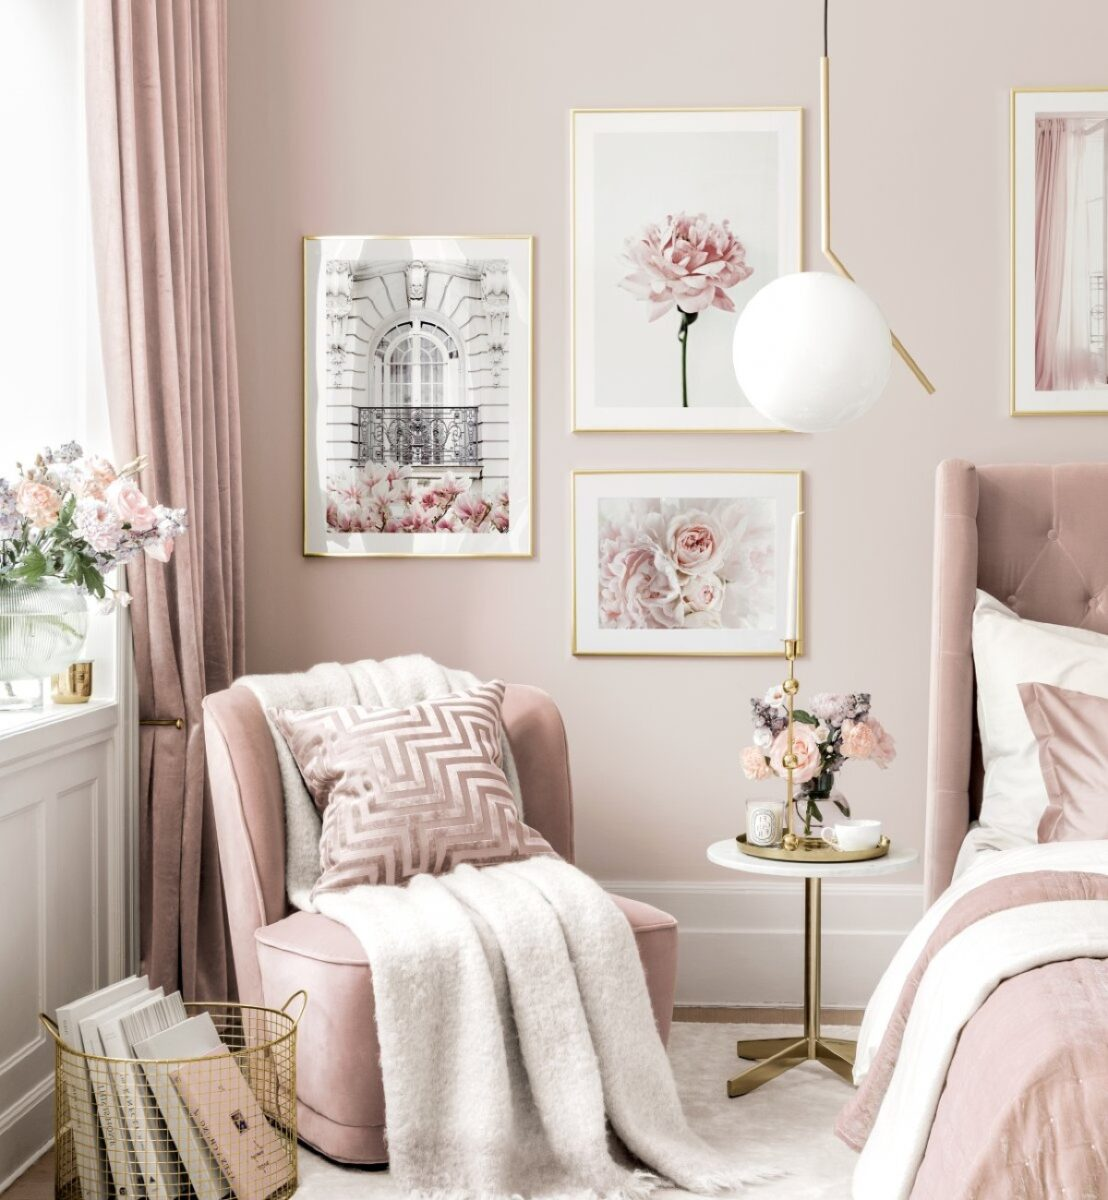 10 decorazioni low cost per la camera da letto idee e foto 8